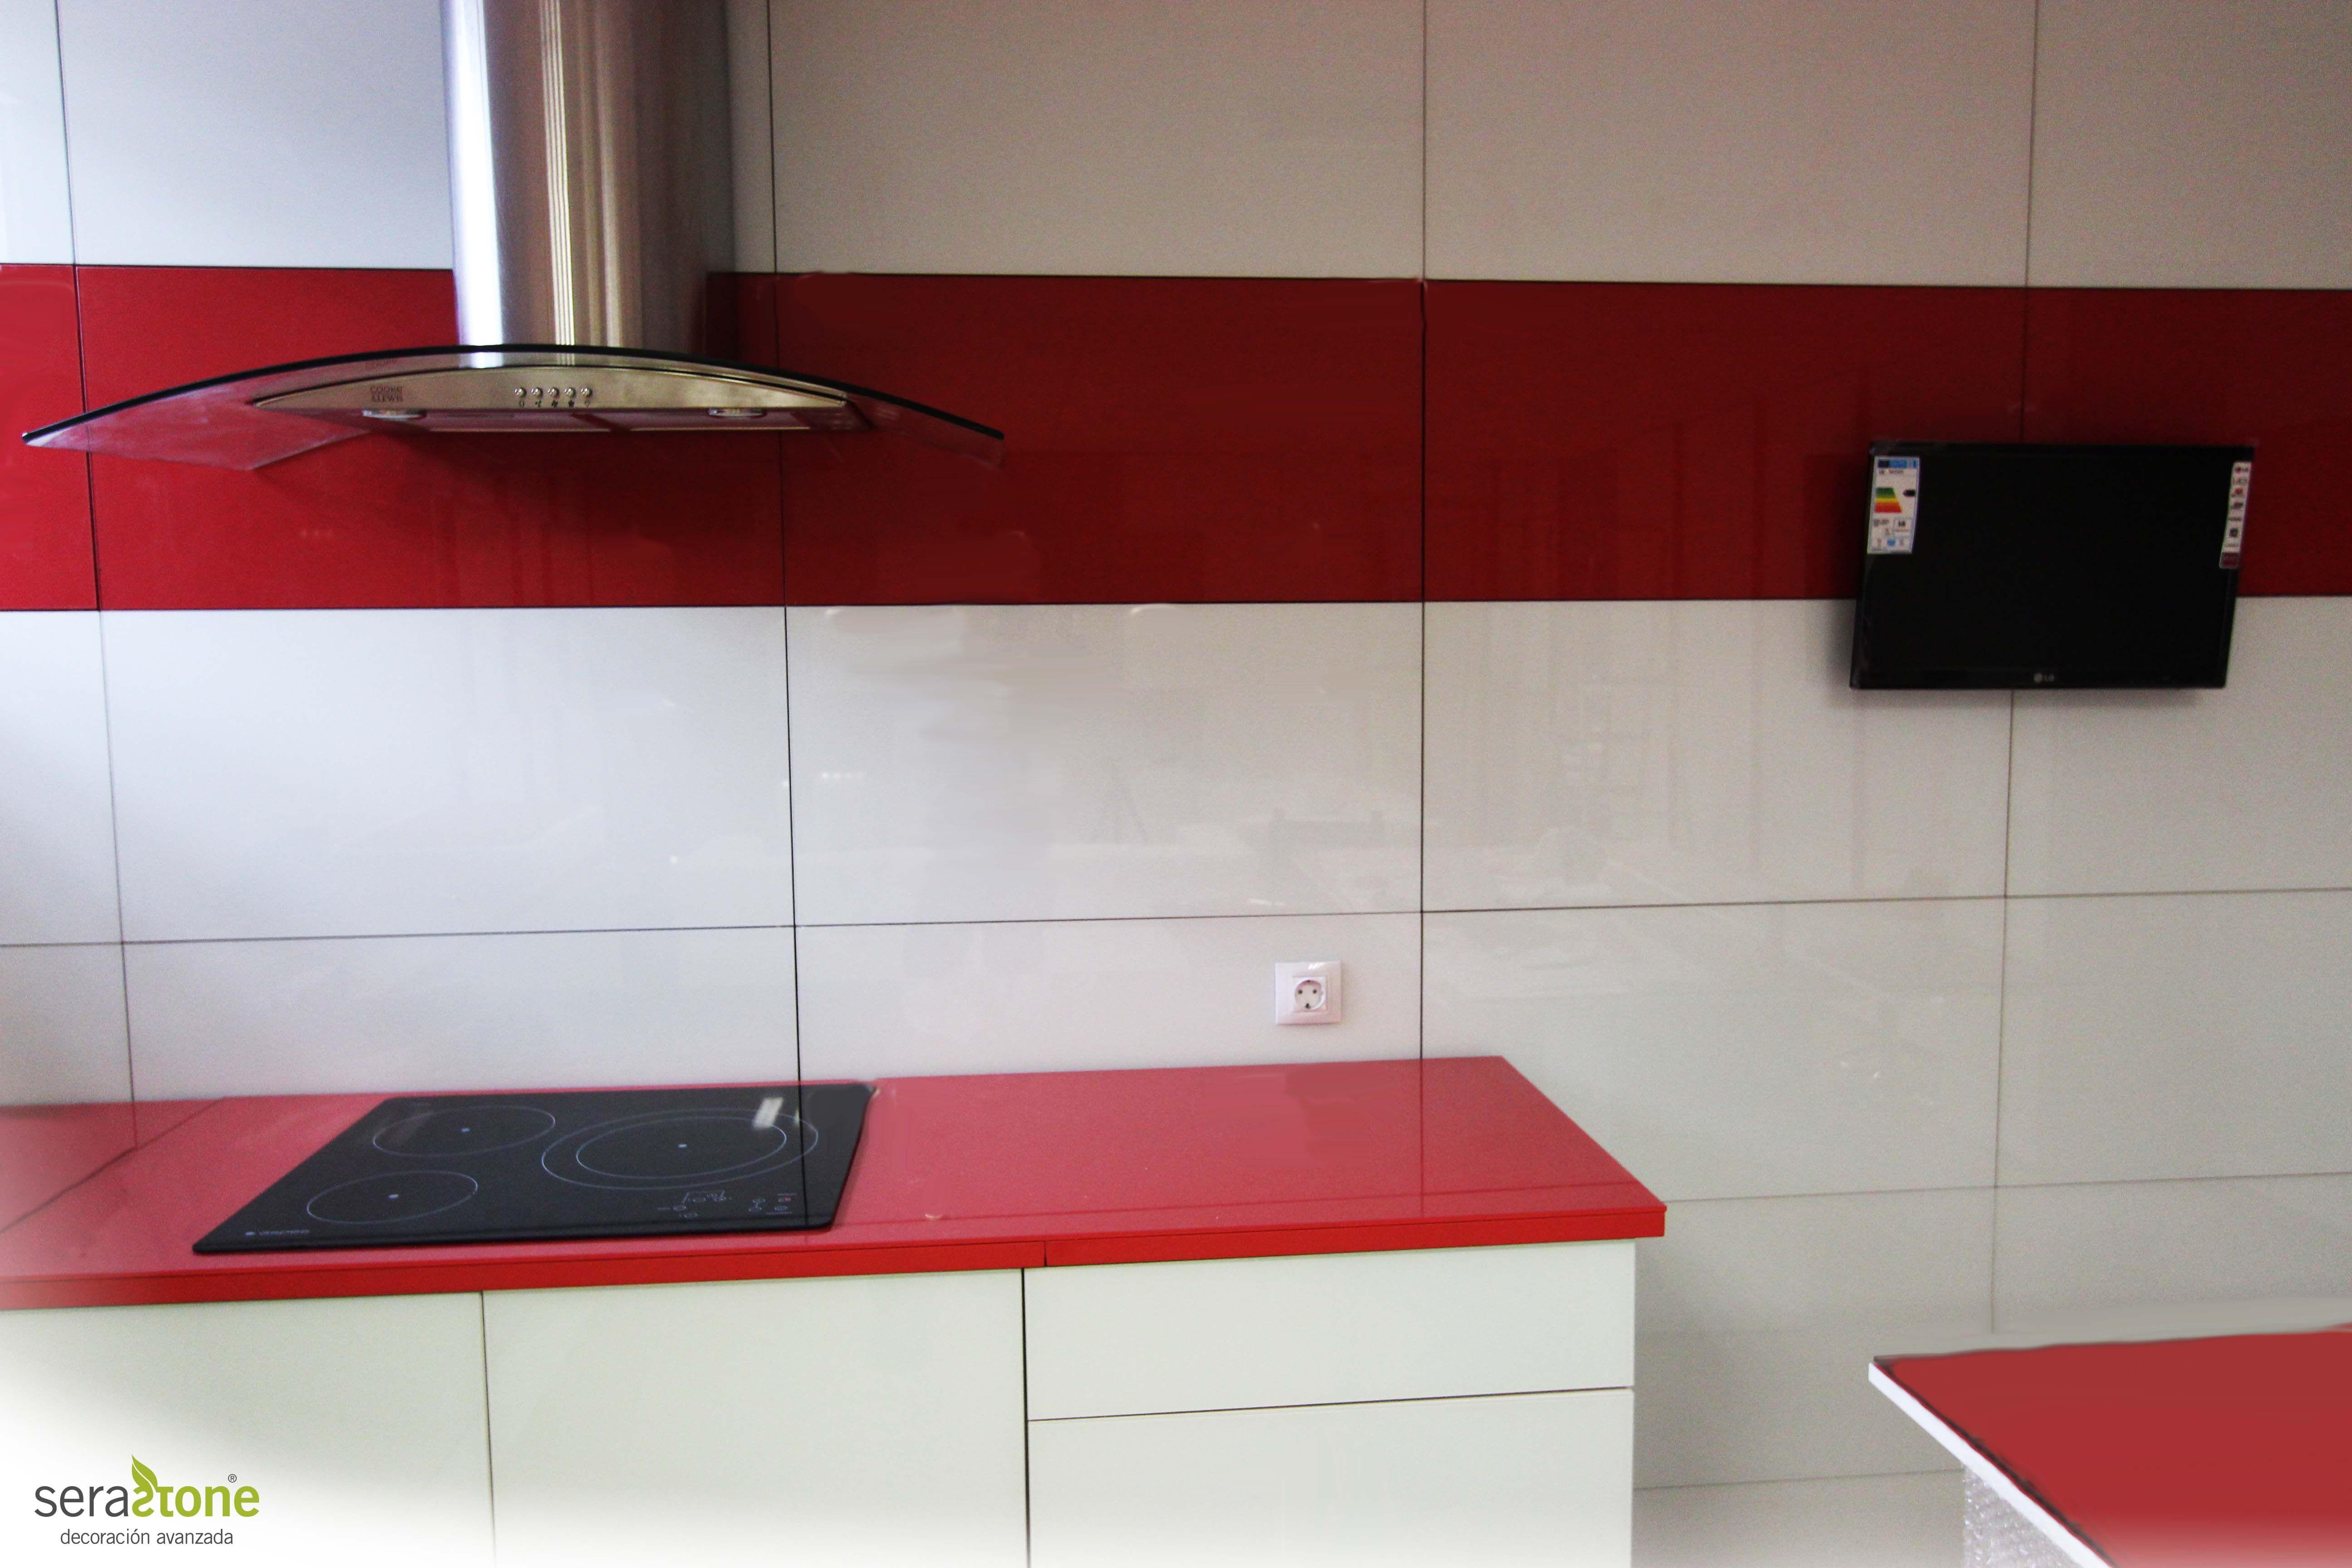 Revestimiento de pared para cocina con sistema serastone - Revestimientos para paredes de cocina ...